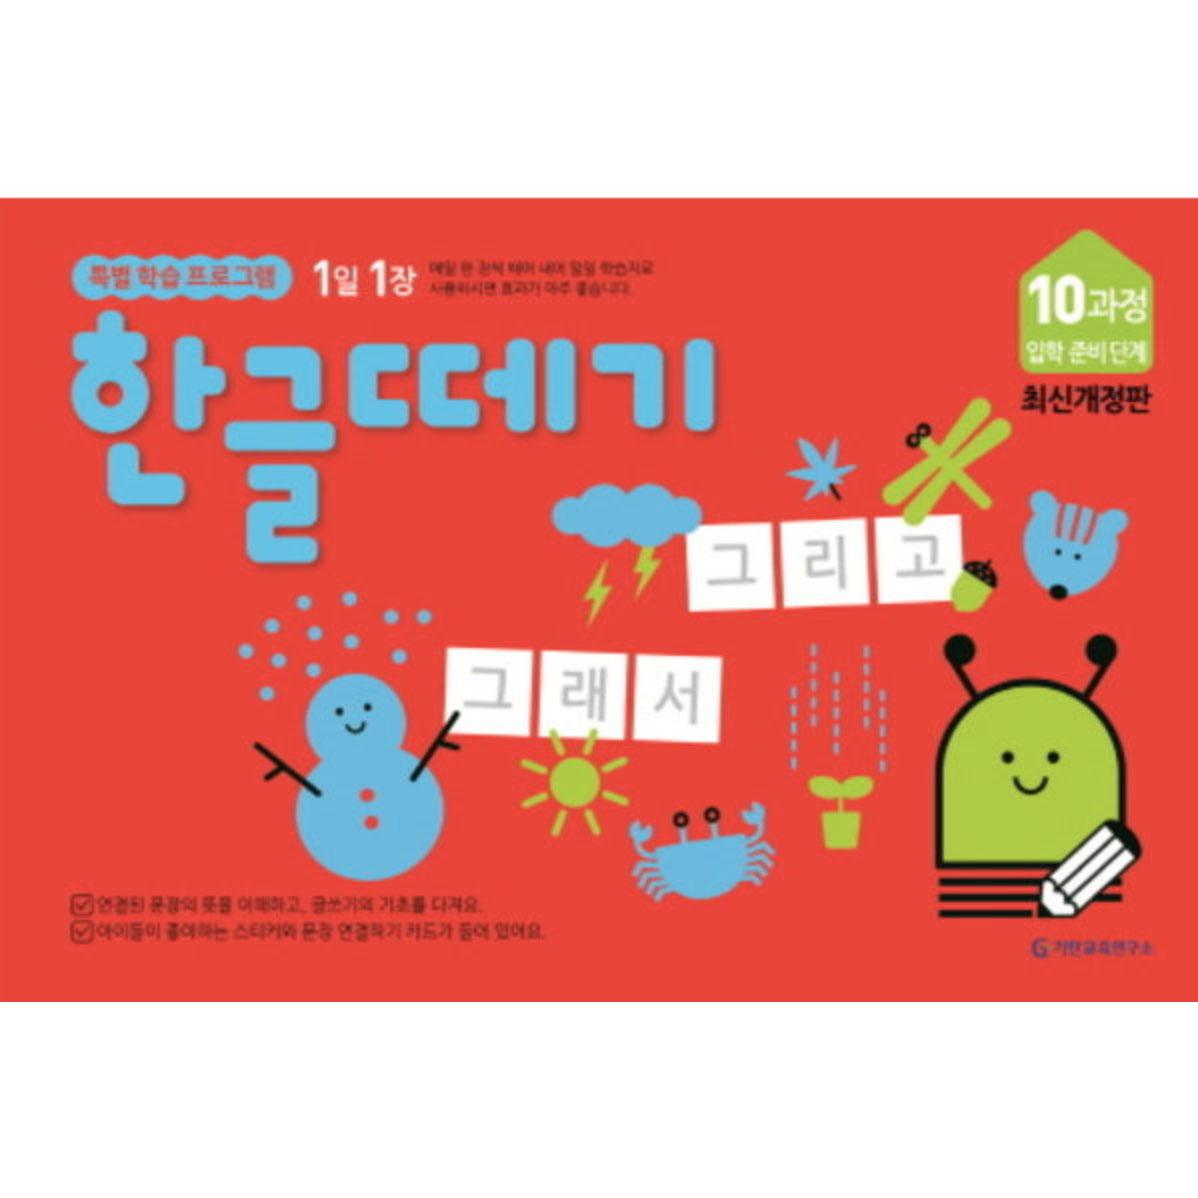 [기탄출판] 1일 1장 한글떼기 – 10과정